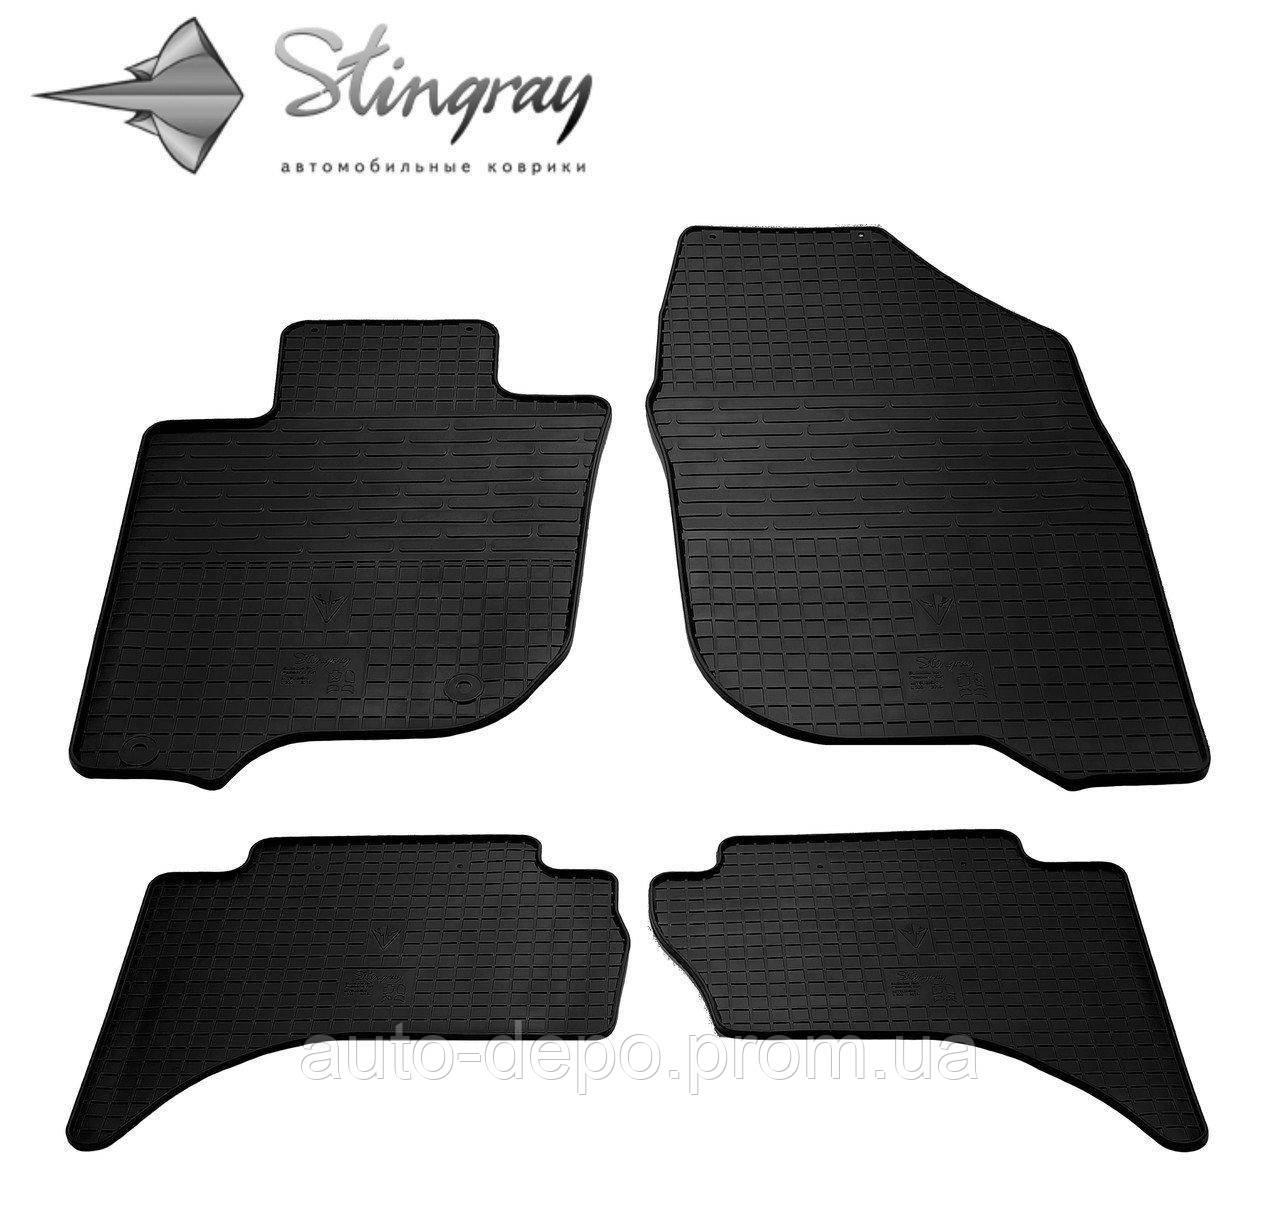 Автомобильные коврики для Mitsubishi L200 2015- Stingray5